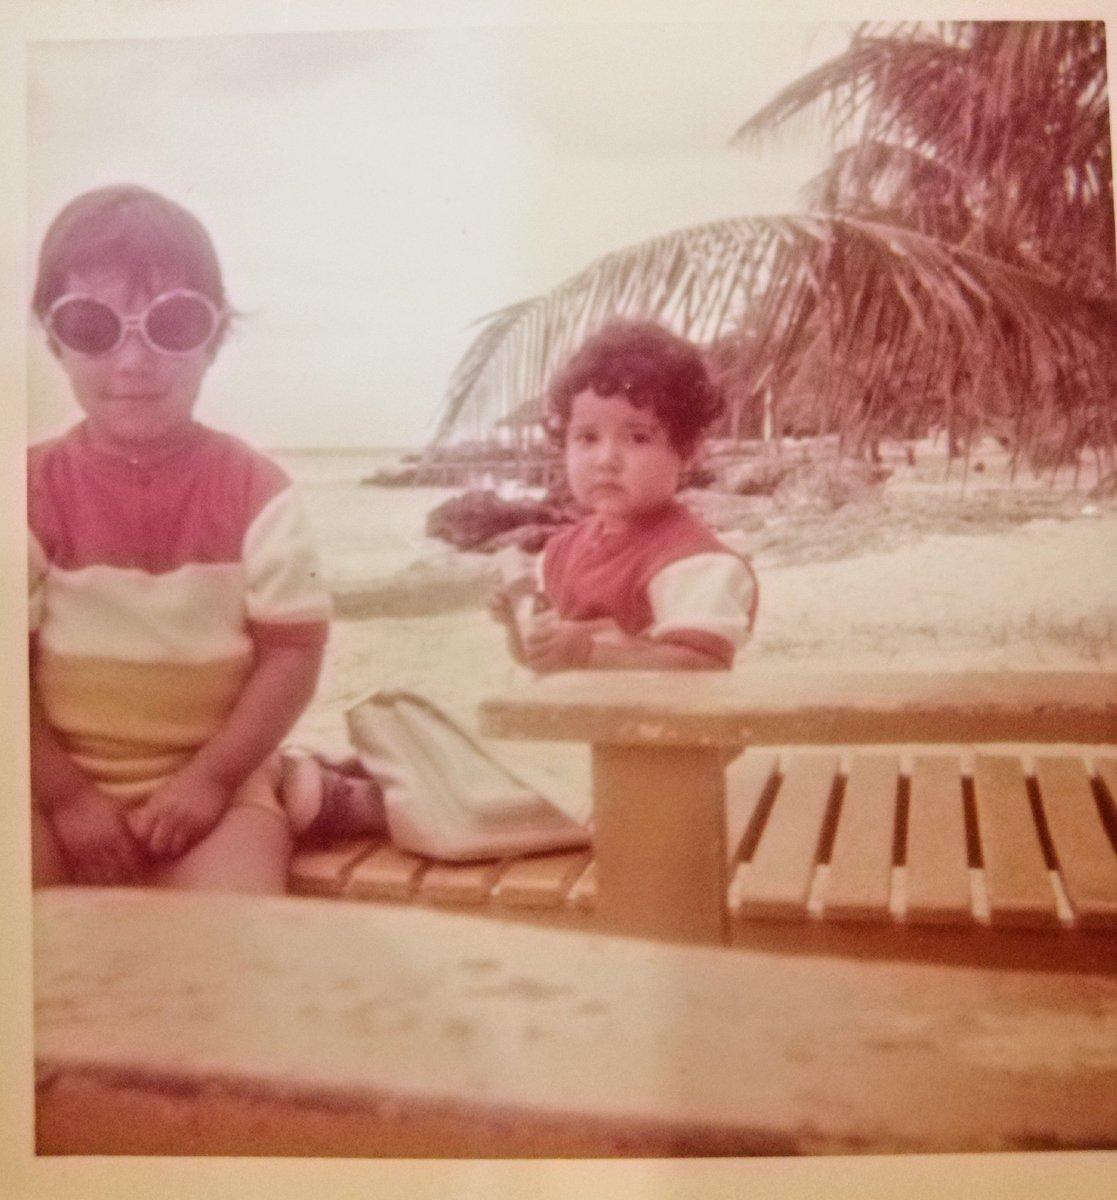 Seguiré por aquí también, Cita este tuit con una foto de tu infancia, yo de lentes 😎